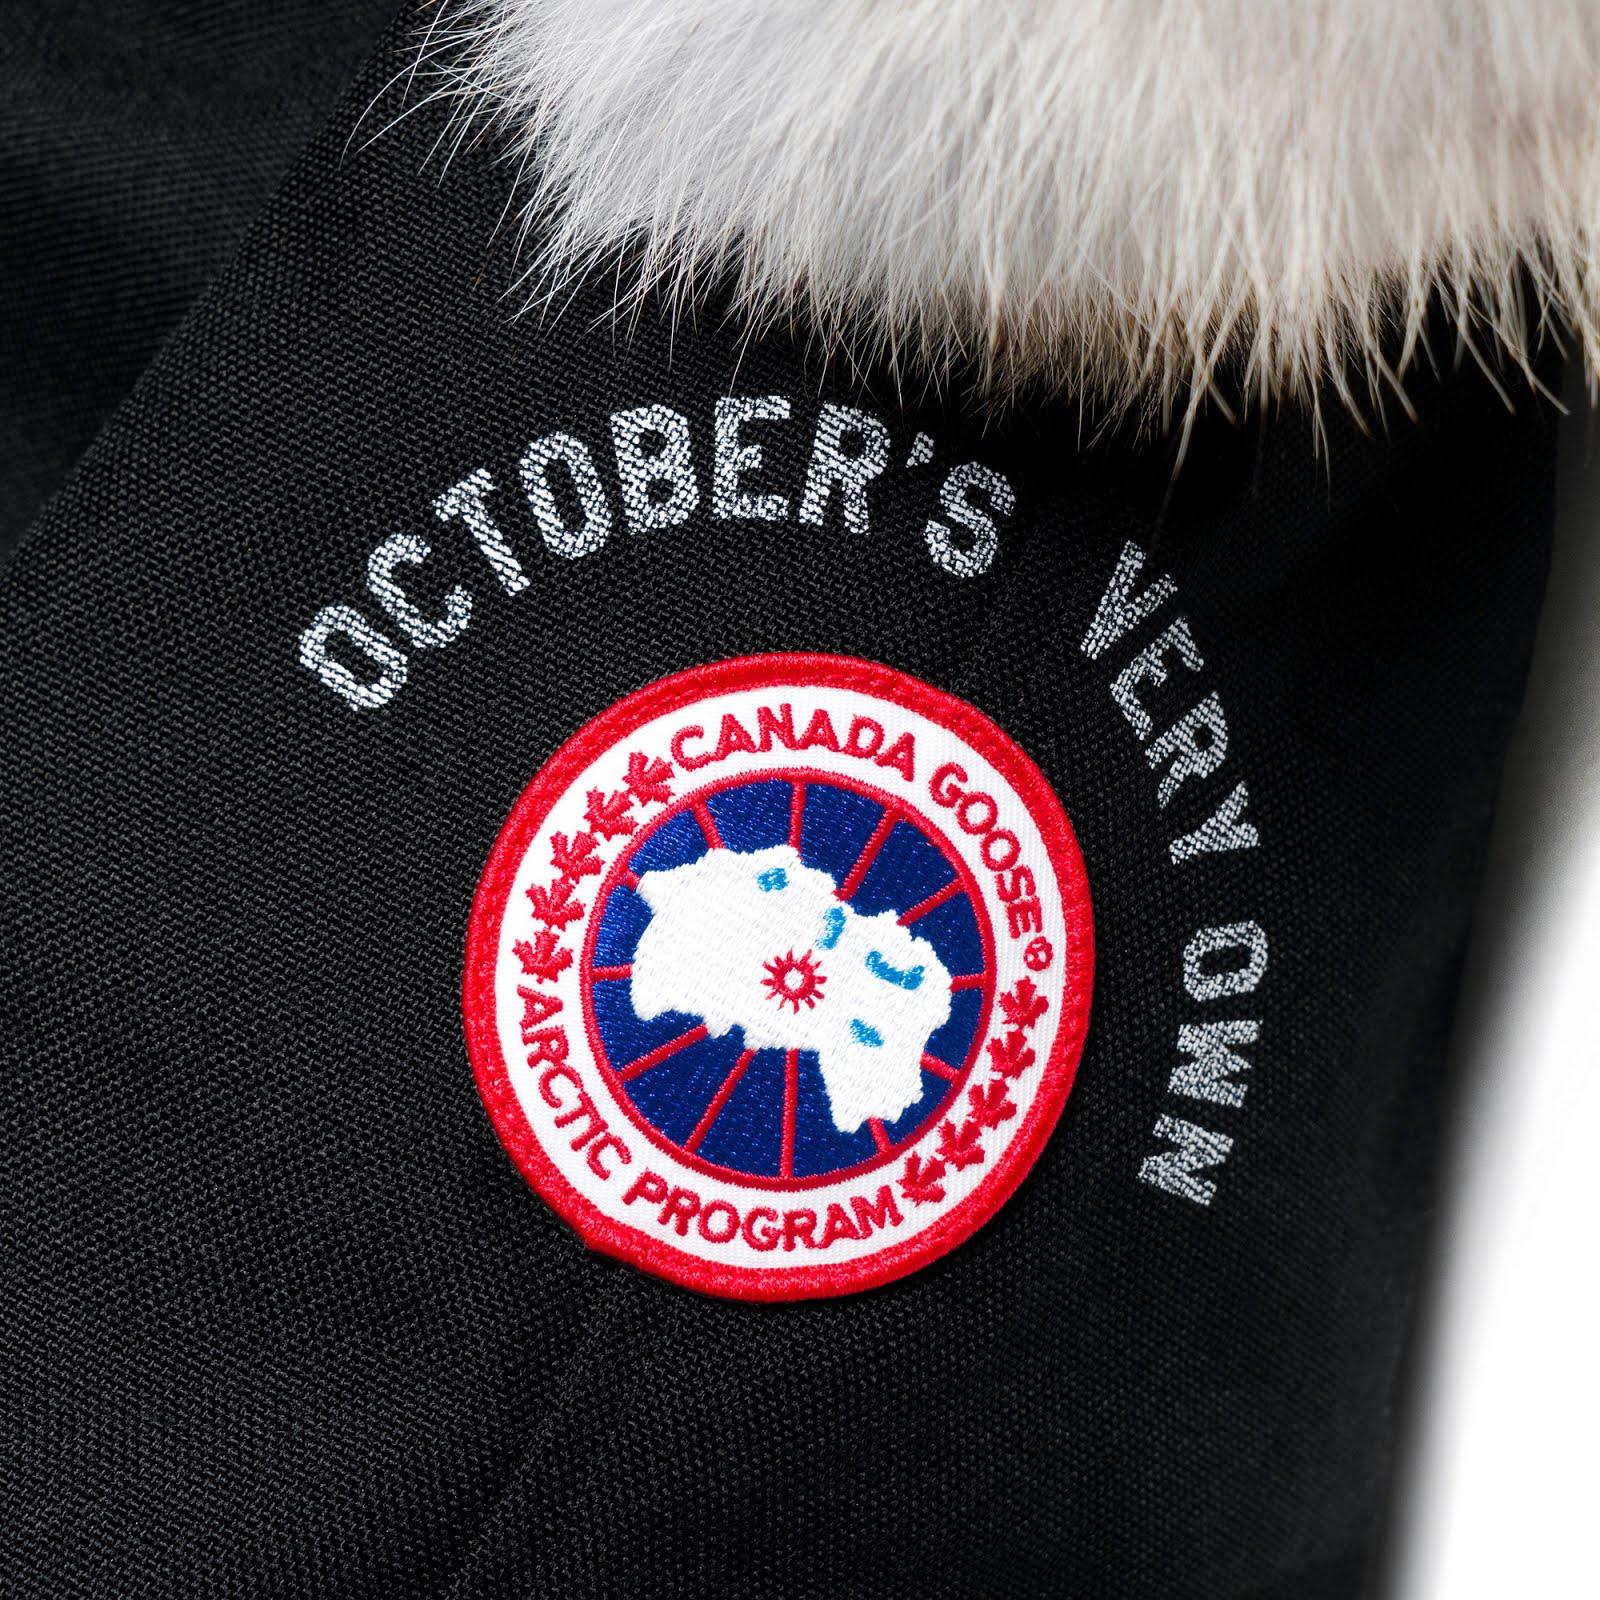 Canada Goose Jakke Uden Mærke På Armen